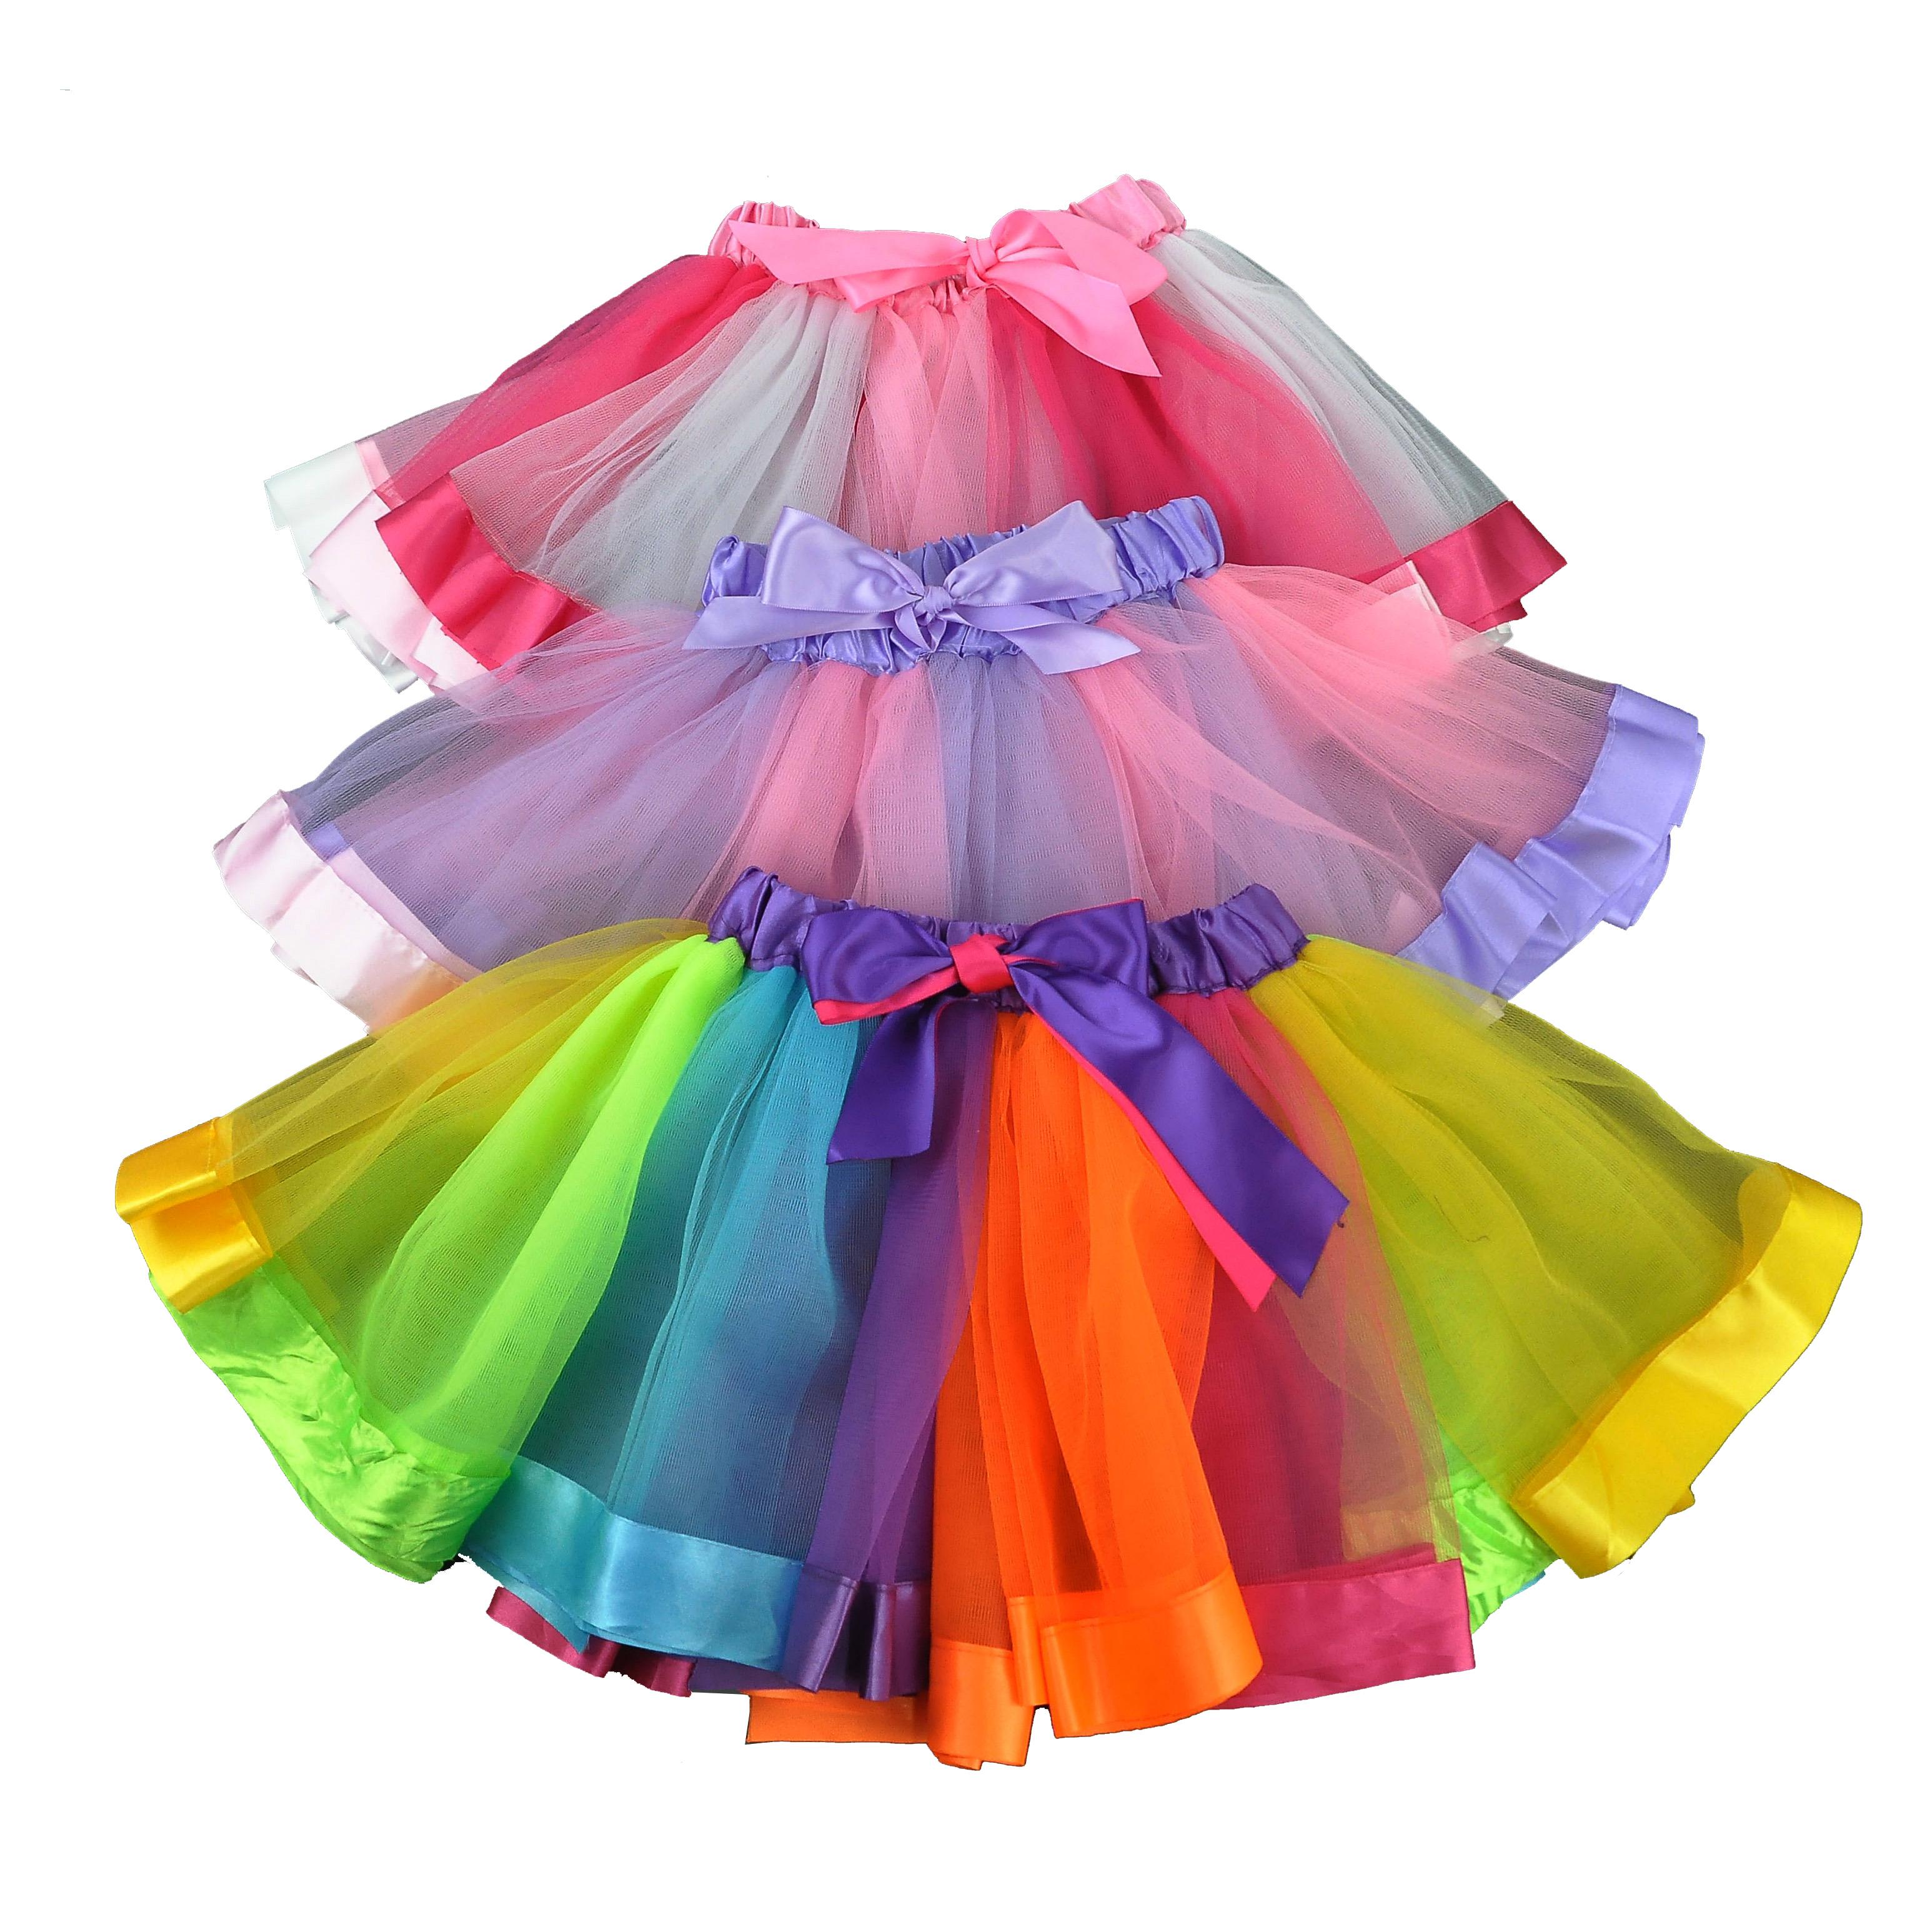 b59777b34f609 Bébé fille tutu robe filles robe enfants robe de ballet enfants jupe. 0  commandes. Dernier été tutu jupes anniversaire arc-en-ciel ...